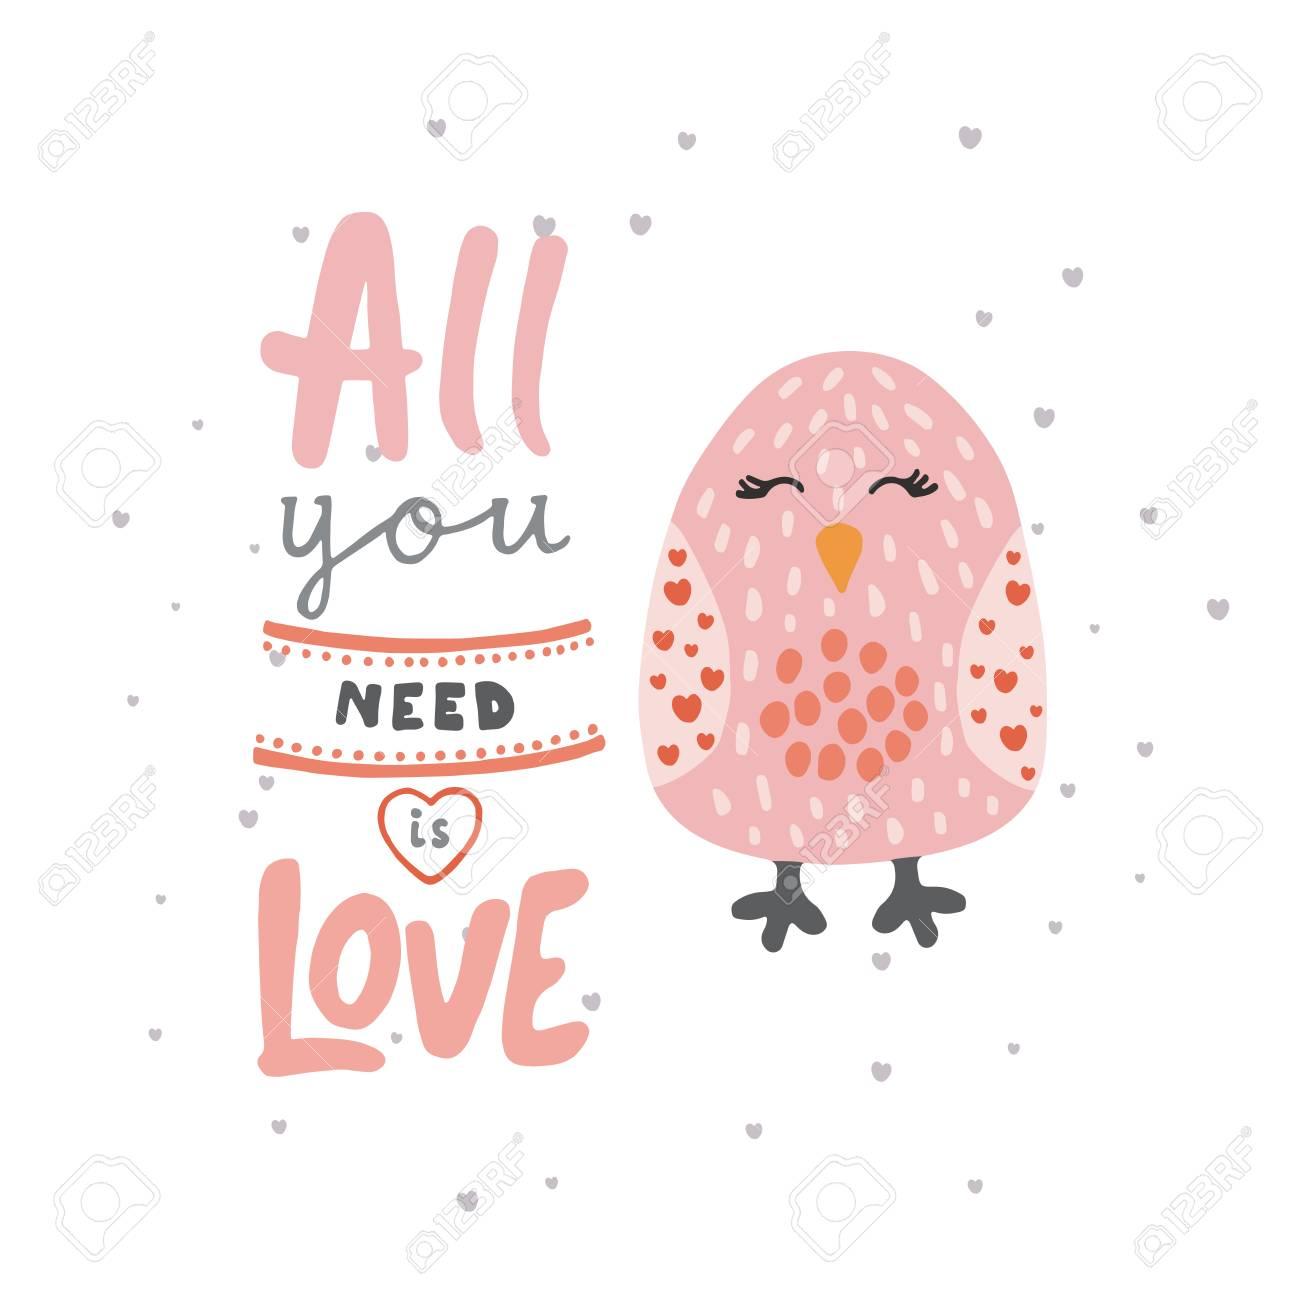 Imprime Con Un Lindo Pajaro Y Frase Todo Lo Que Necesitas Es Amor